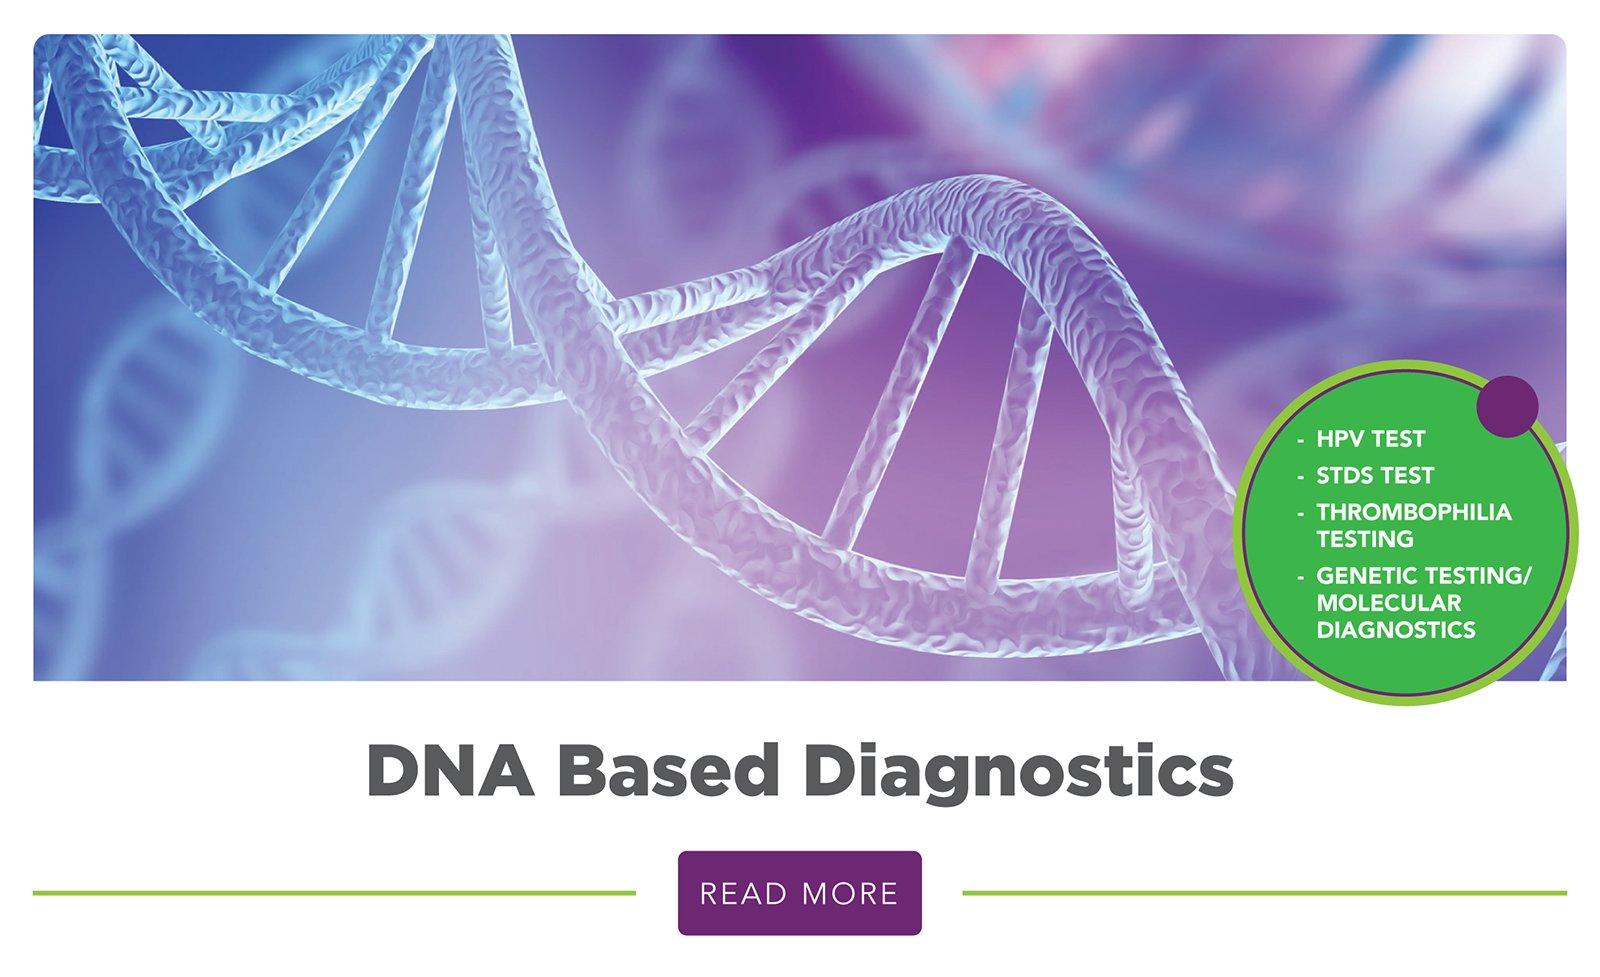 dna-diagnostics